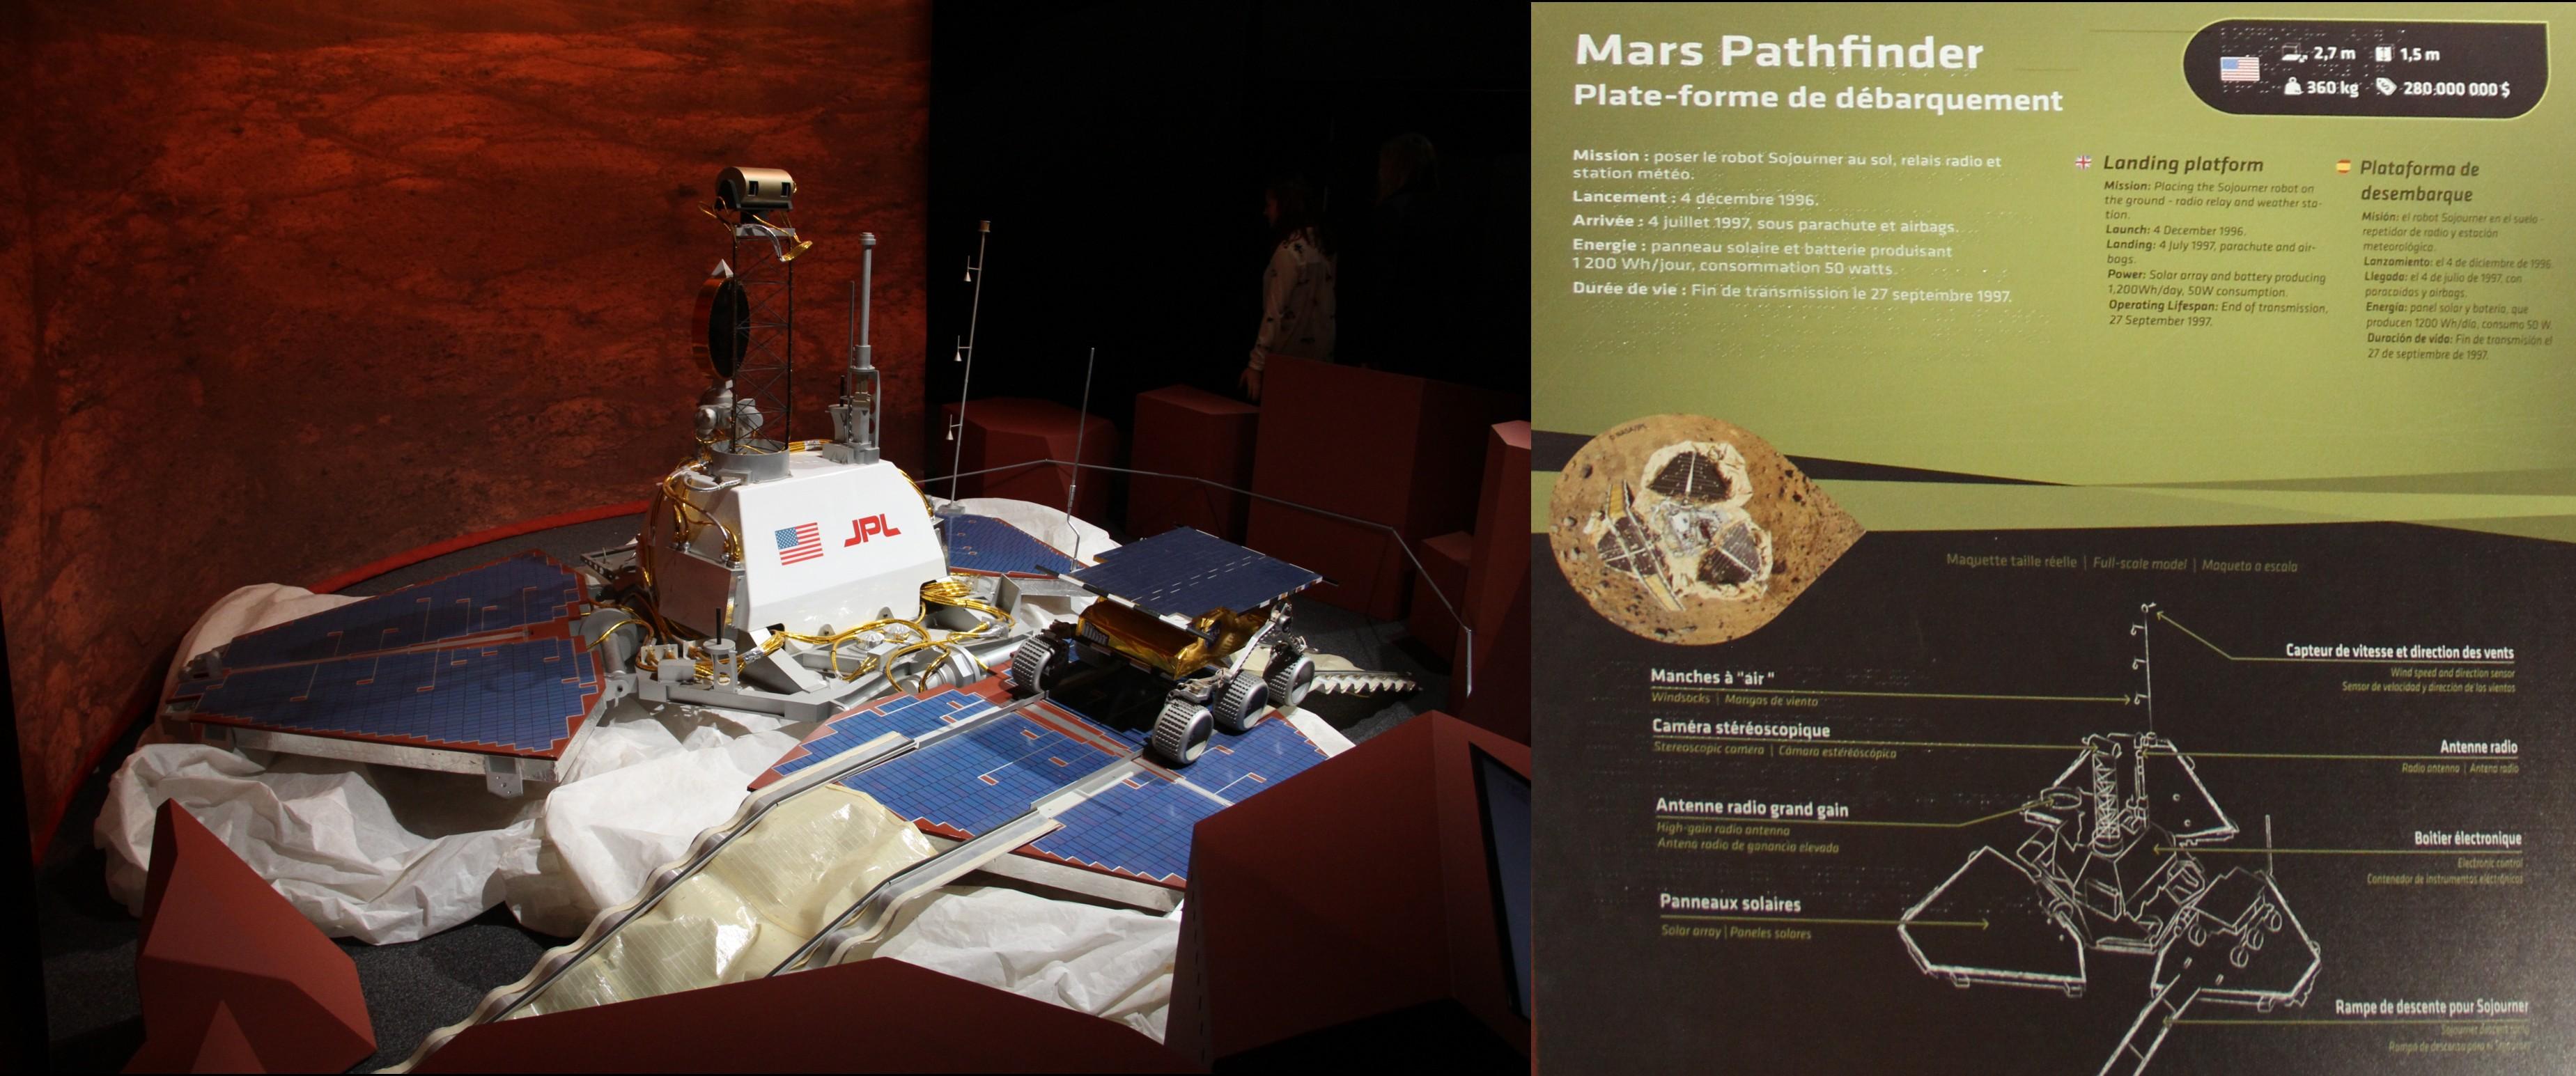 16 02 18 - 15h 47m 26s - Explorez Mars Palais de la Découverte montage